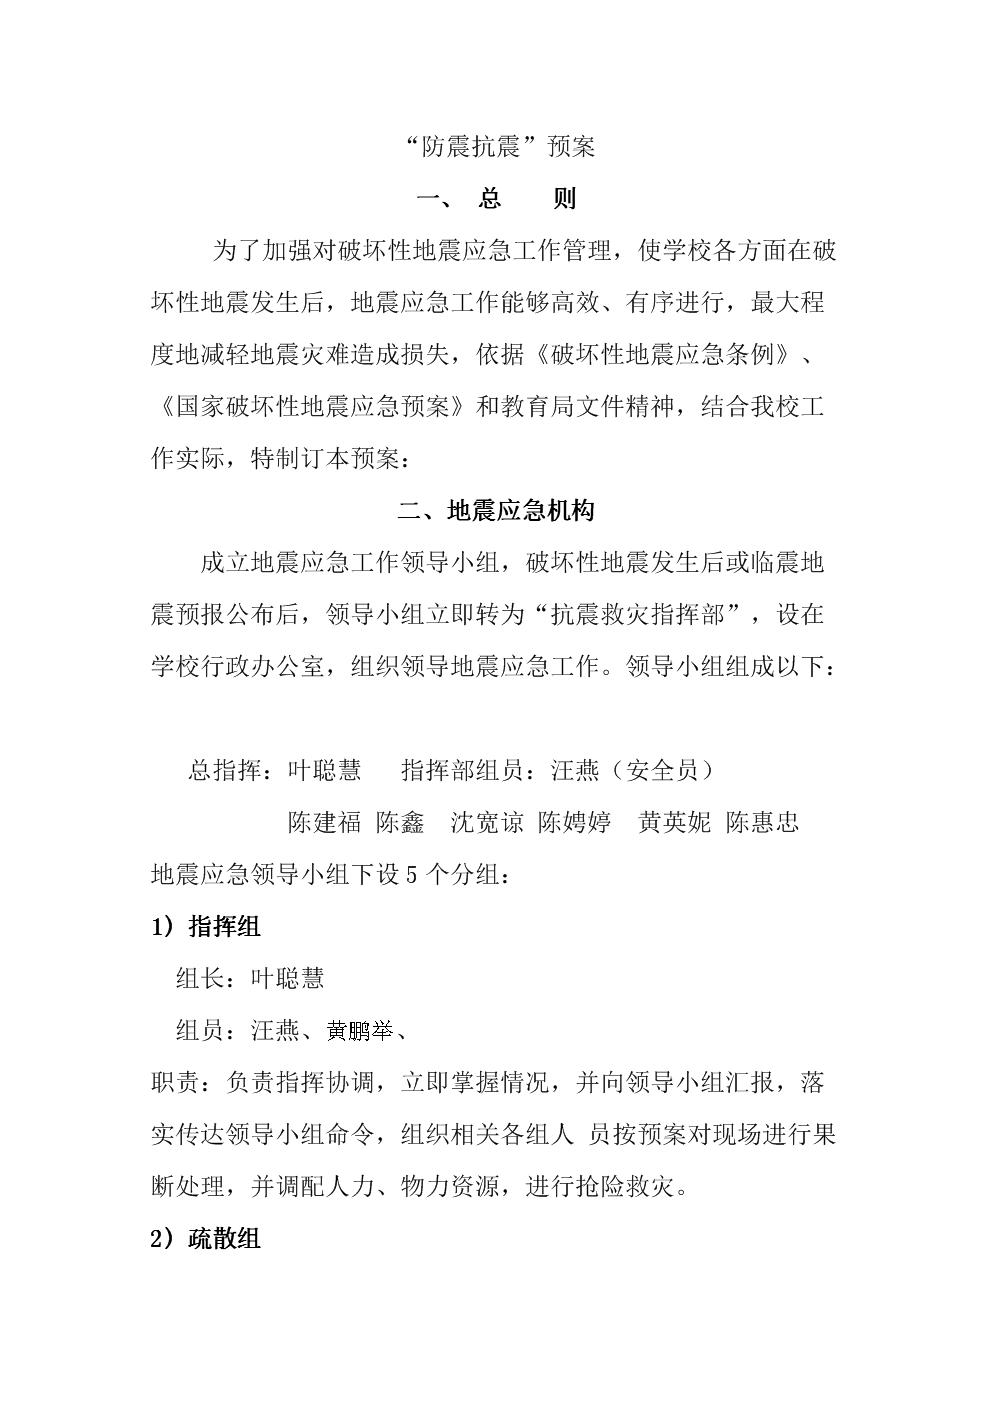 防震抗震专项预案.doc